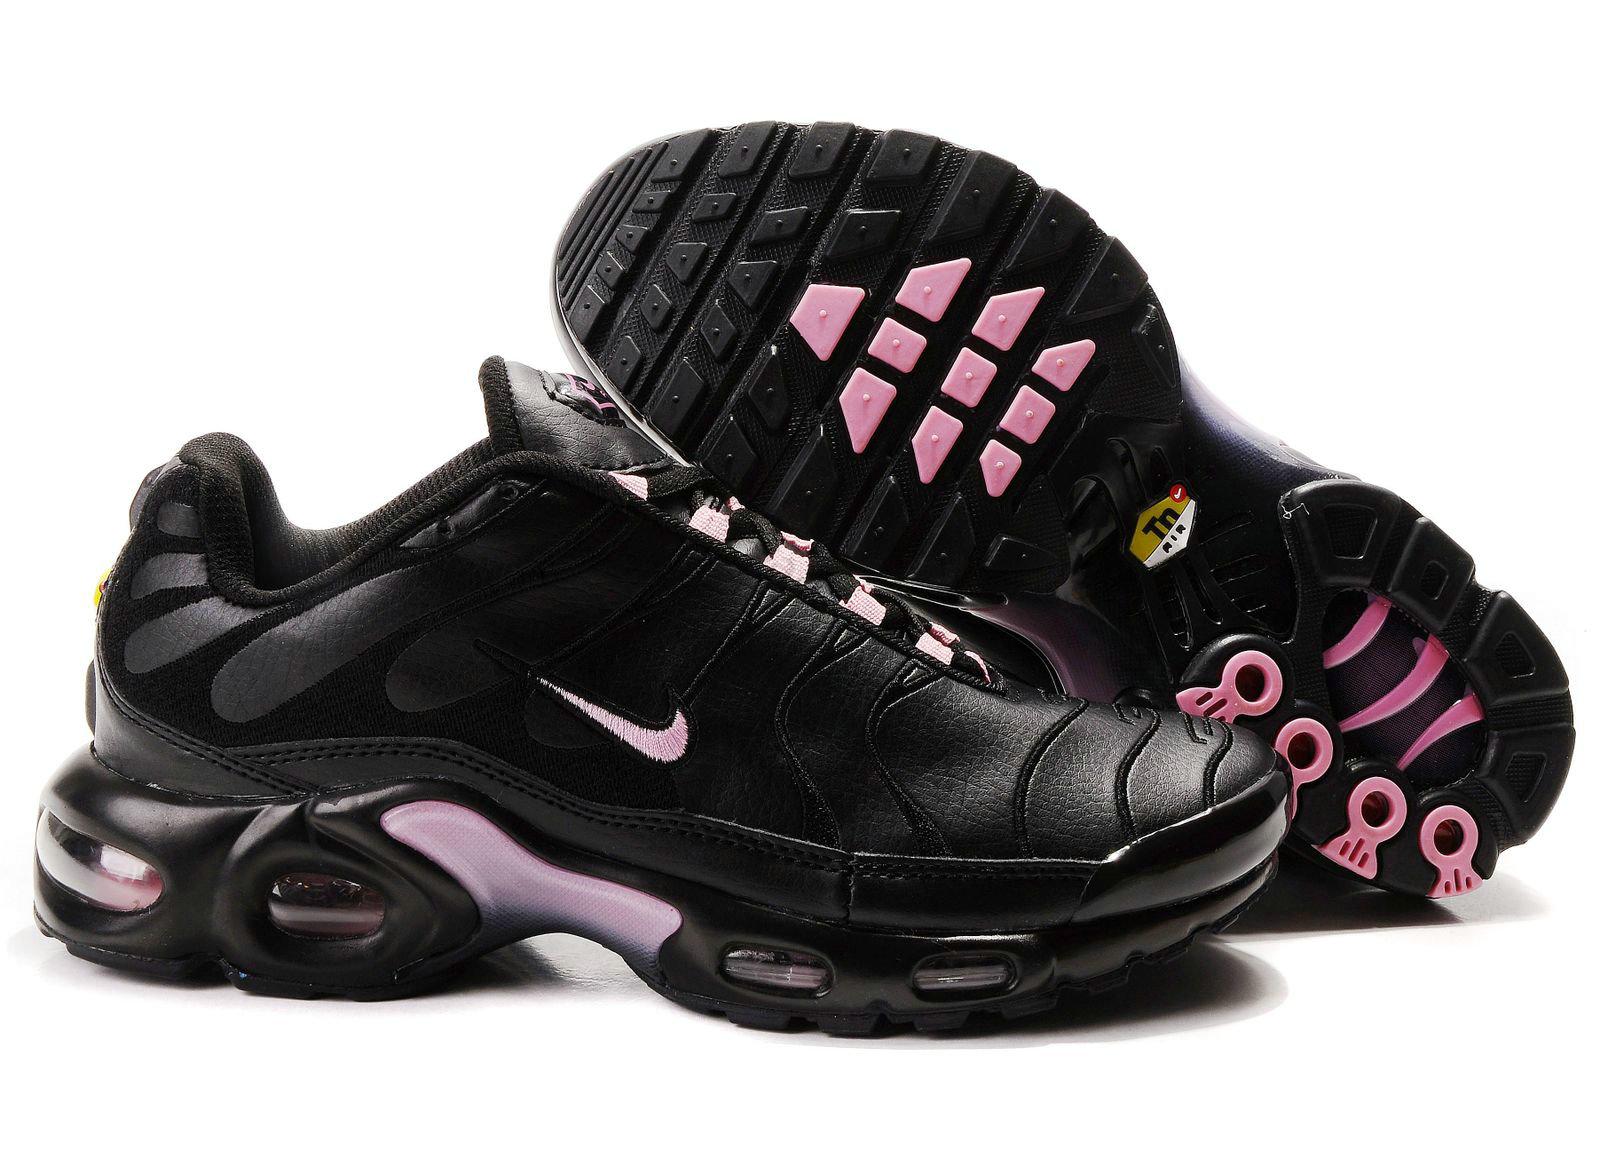 3e430676d9a3 Meilleure qualité nike tn pas cher noir la vente chaude partout dans le  monde, de plus en plus de gens achètent ce genre de chaussures Nike en ligne  ...